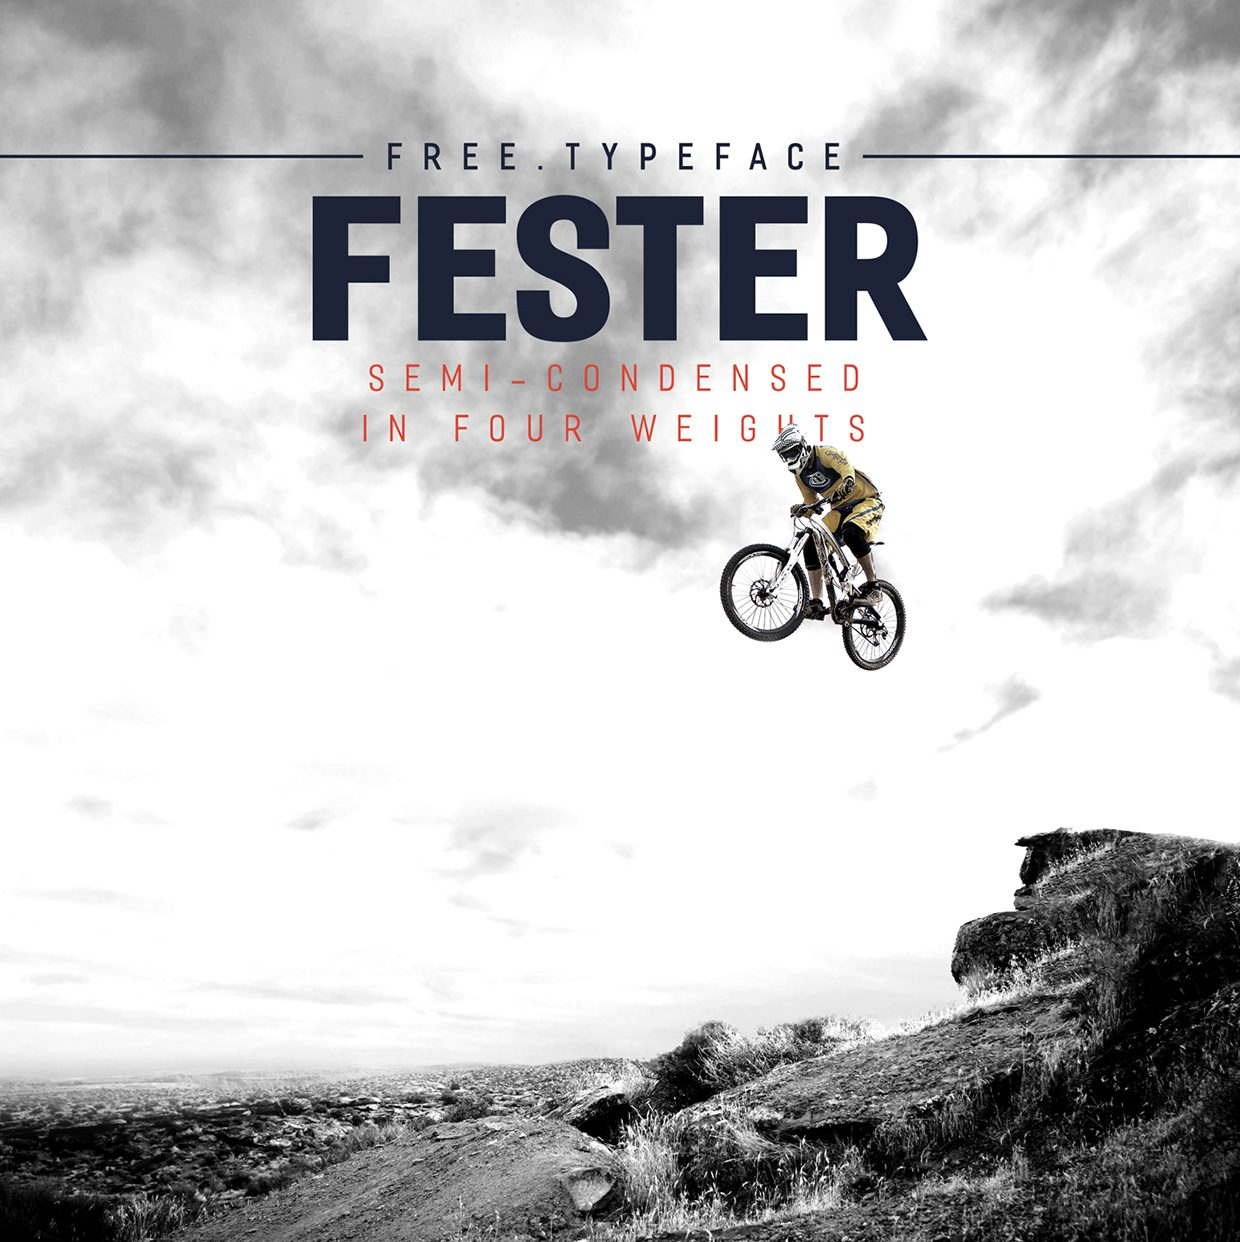 Fester-Semi-condensedBold font